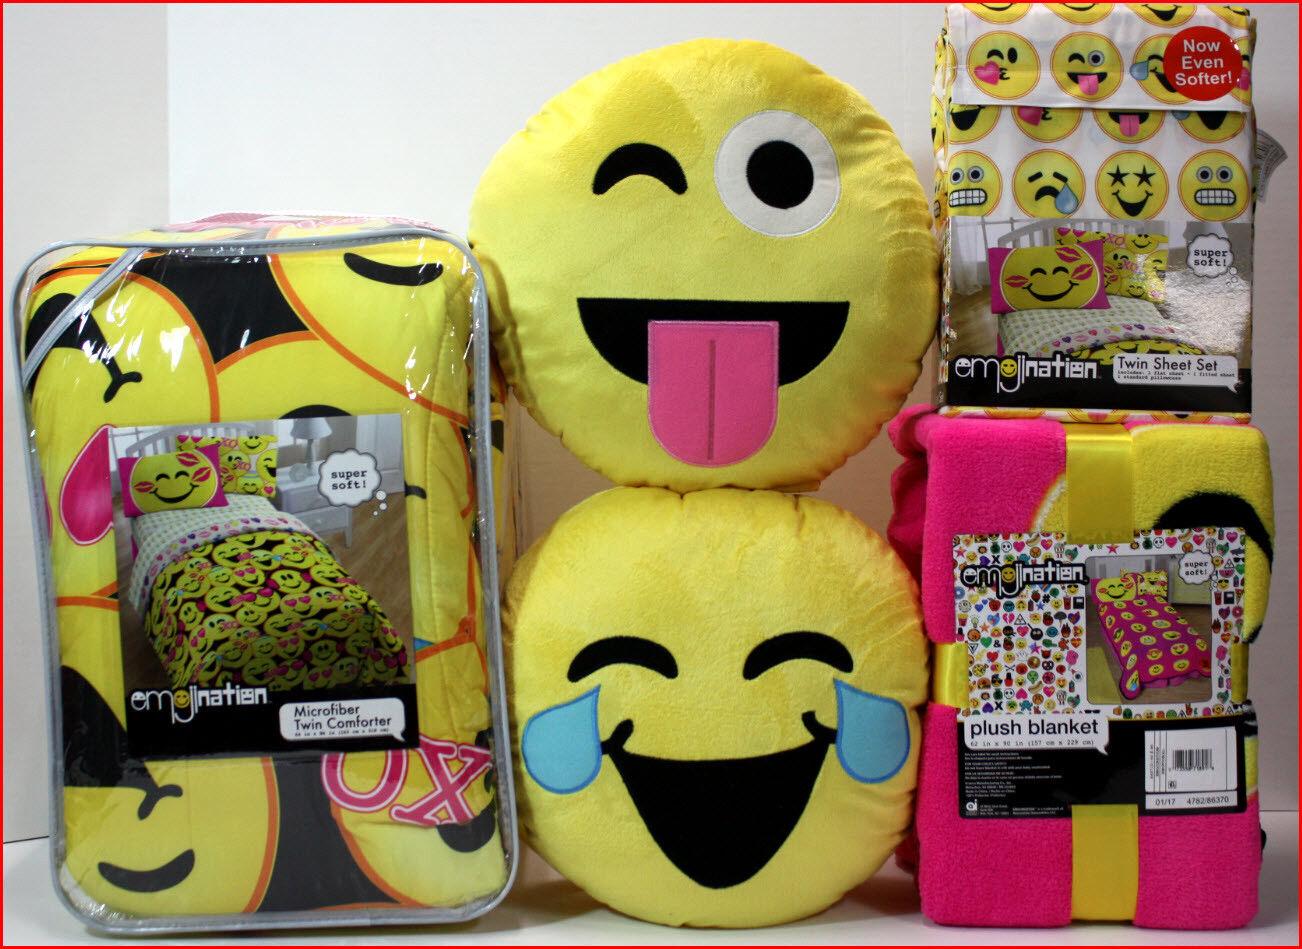 7 4 PC-Emoji Couette + Drap Set + couverture + 2 oreillers-LOL coeurs bisous